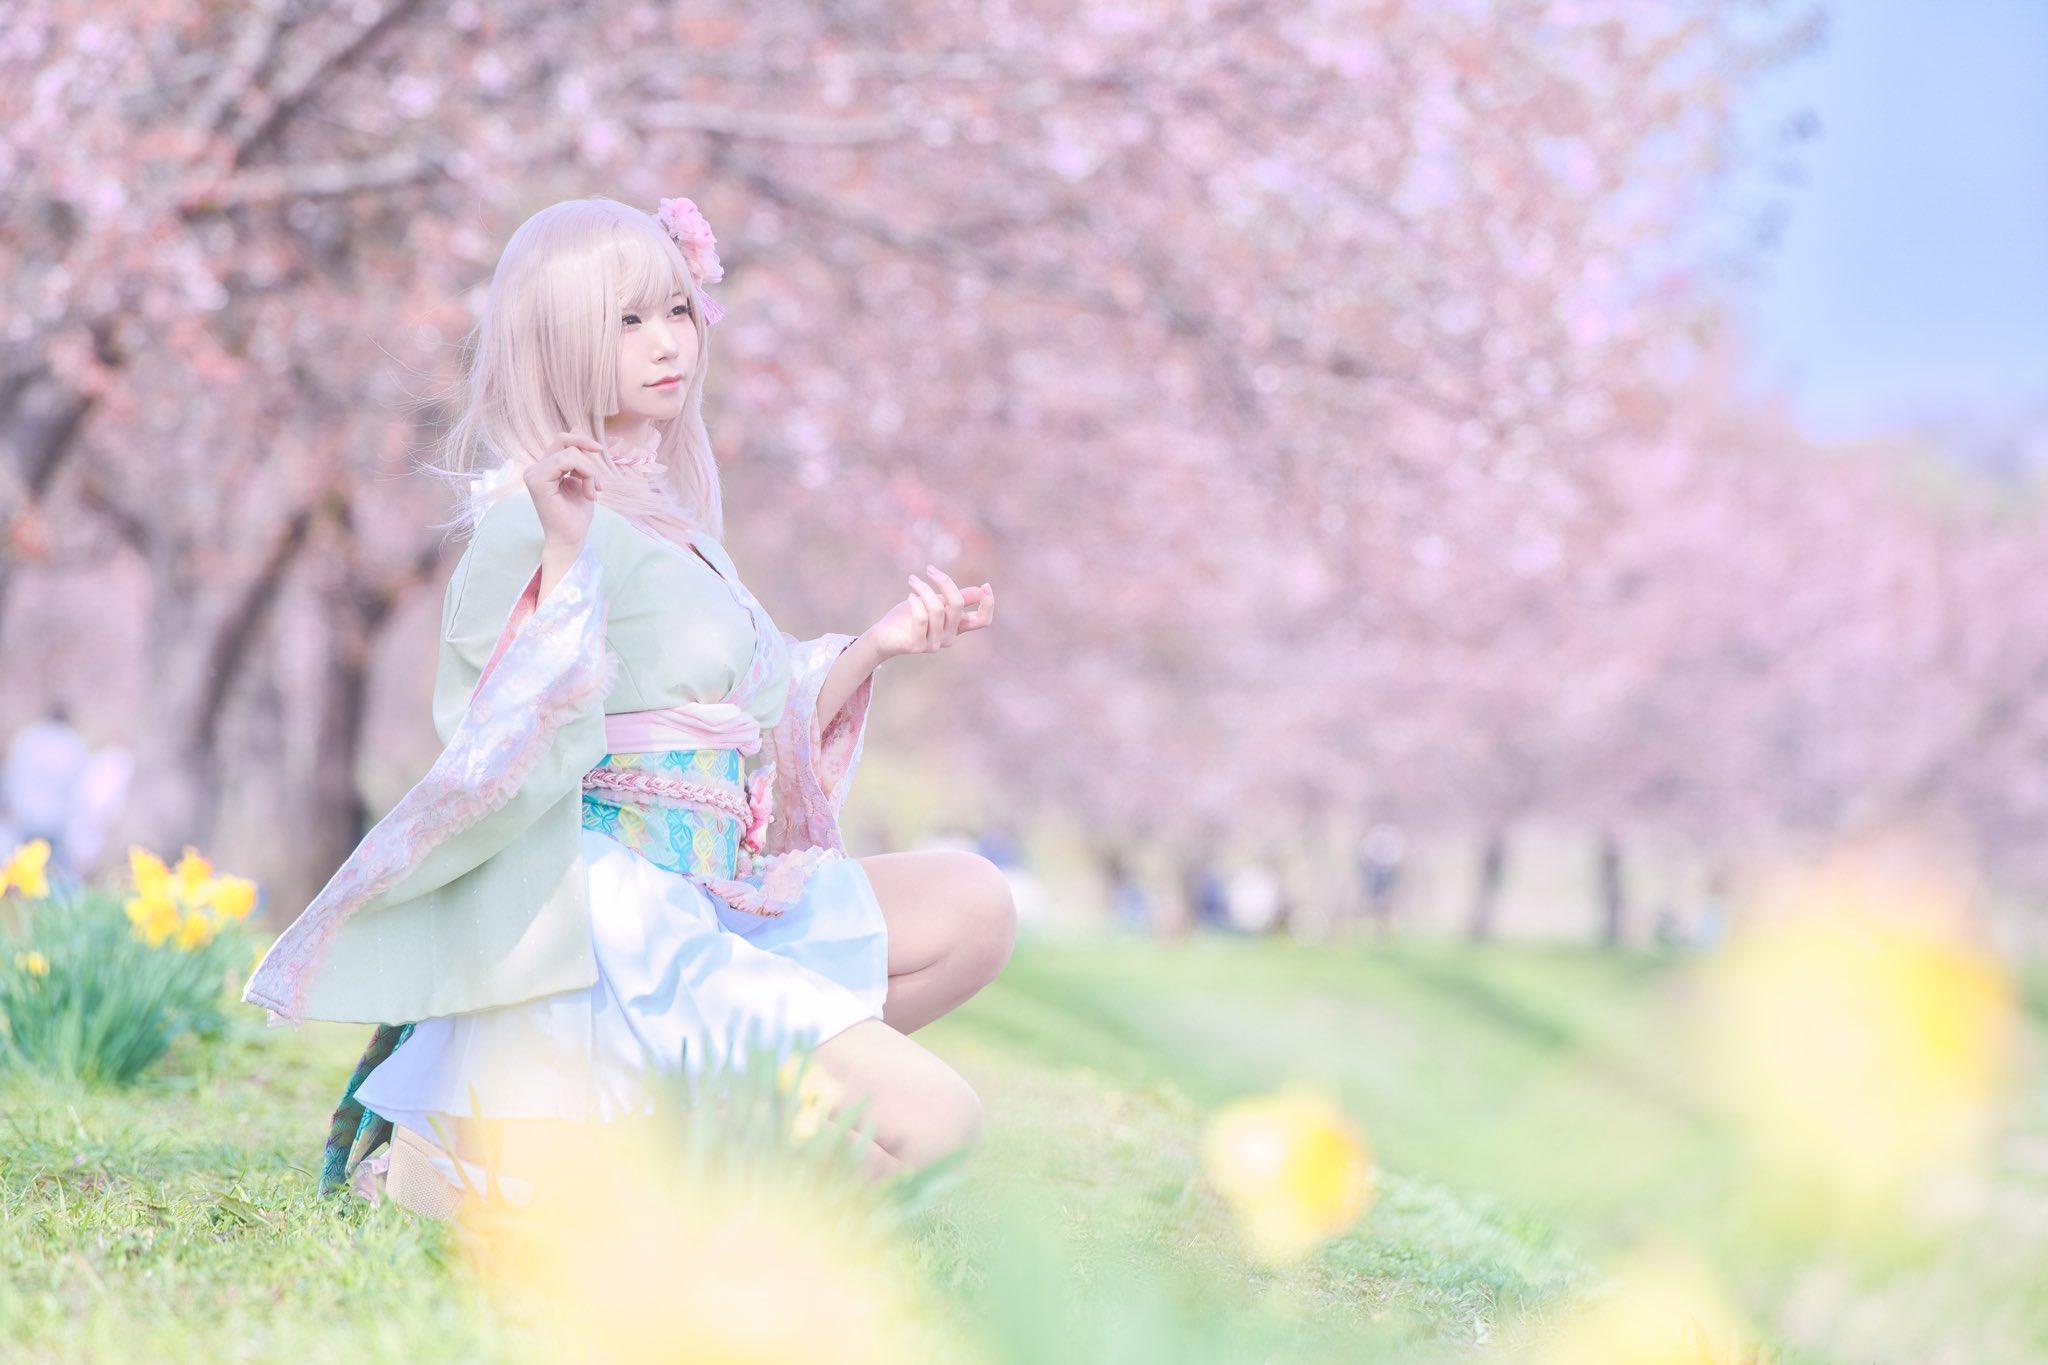 画像,🌸🌸🌸それはきっと四月に現れる桜の精。創作photo by @photo_jma https://t.co/Ki26AbFiWz…